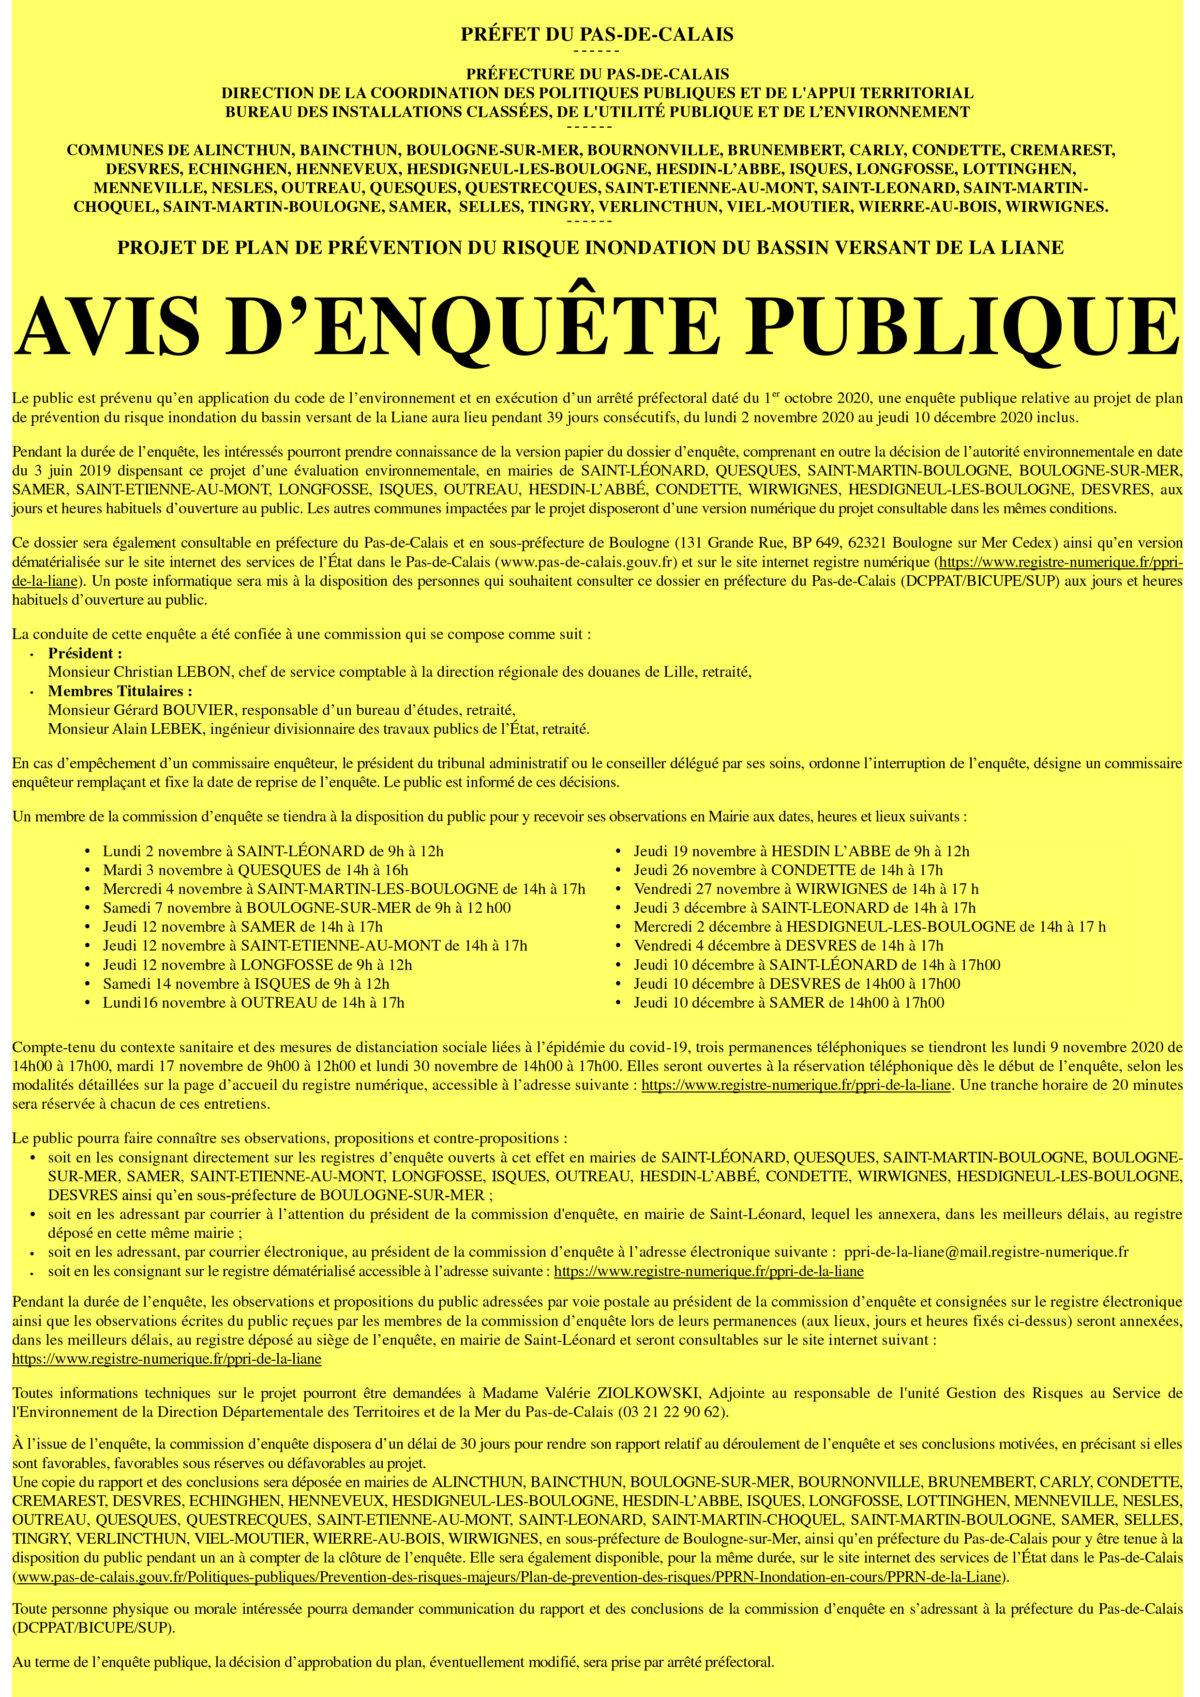 Plan de Prévention Risques Inondations de La Liane